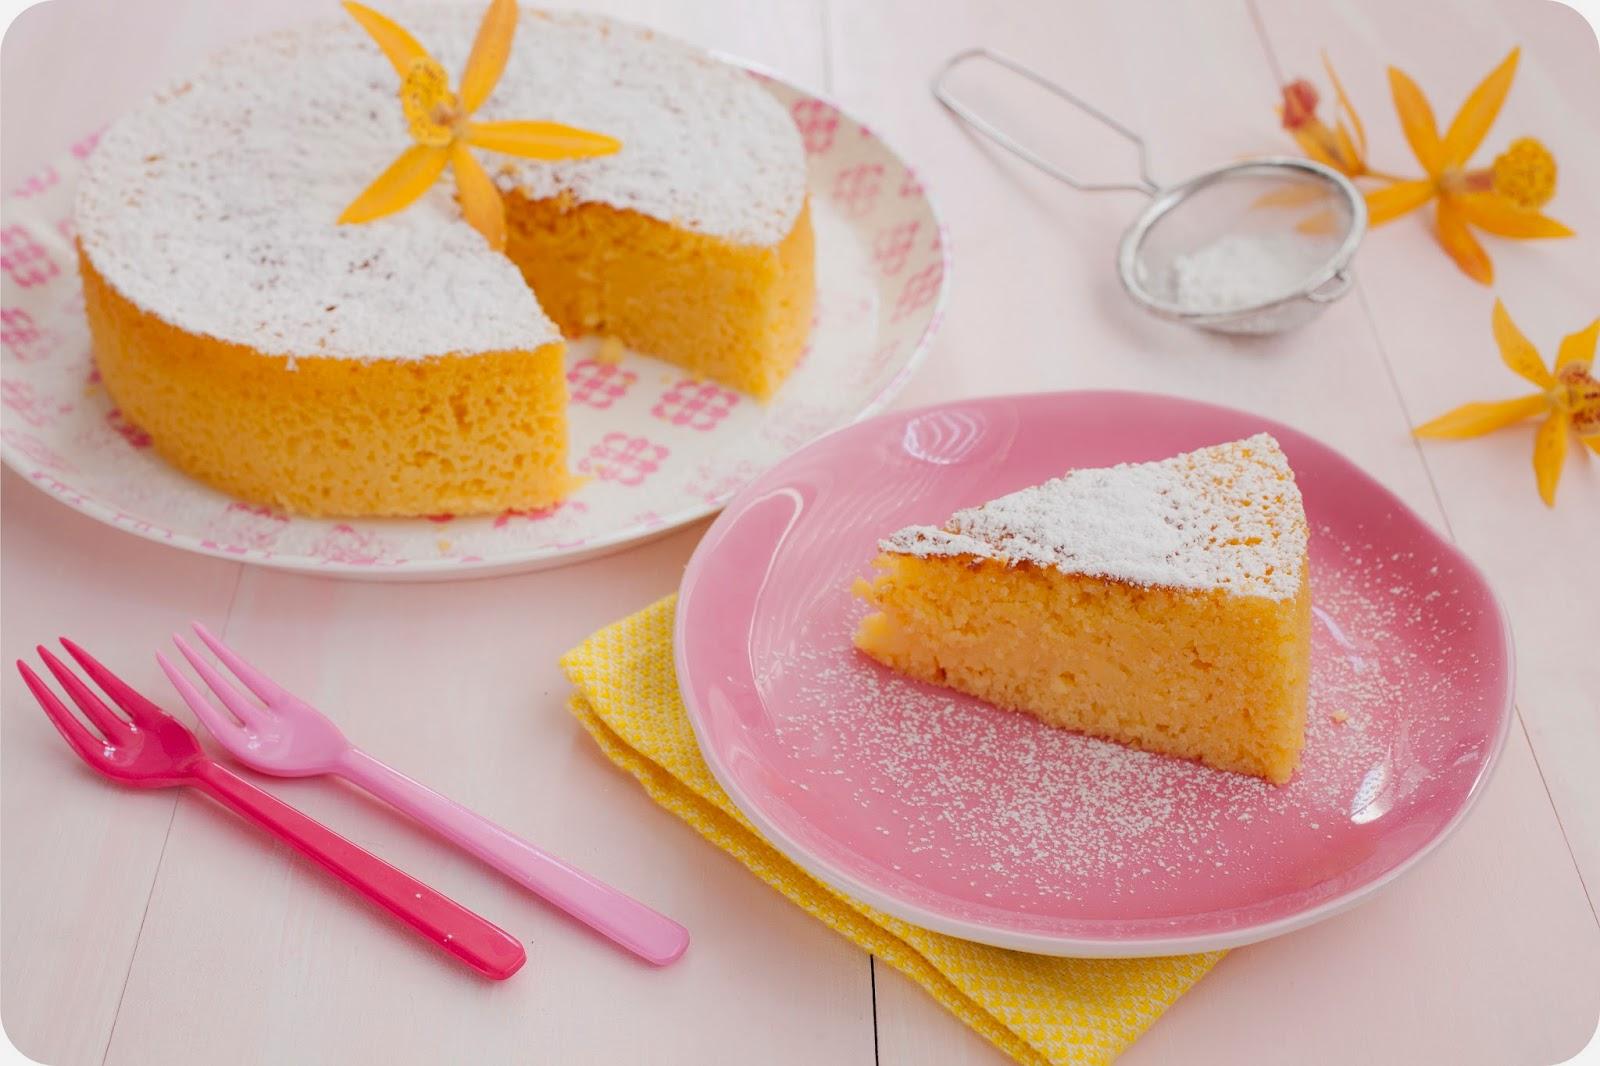 I Could Kill For Dessert Good pageone design e digital: um doce de site: i could kill for dessert